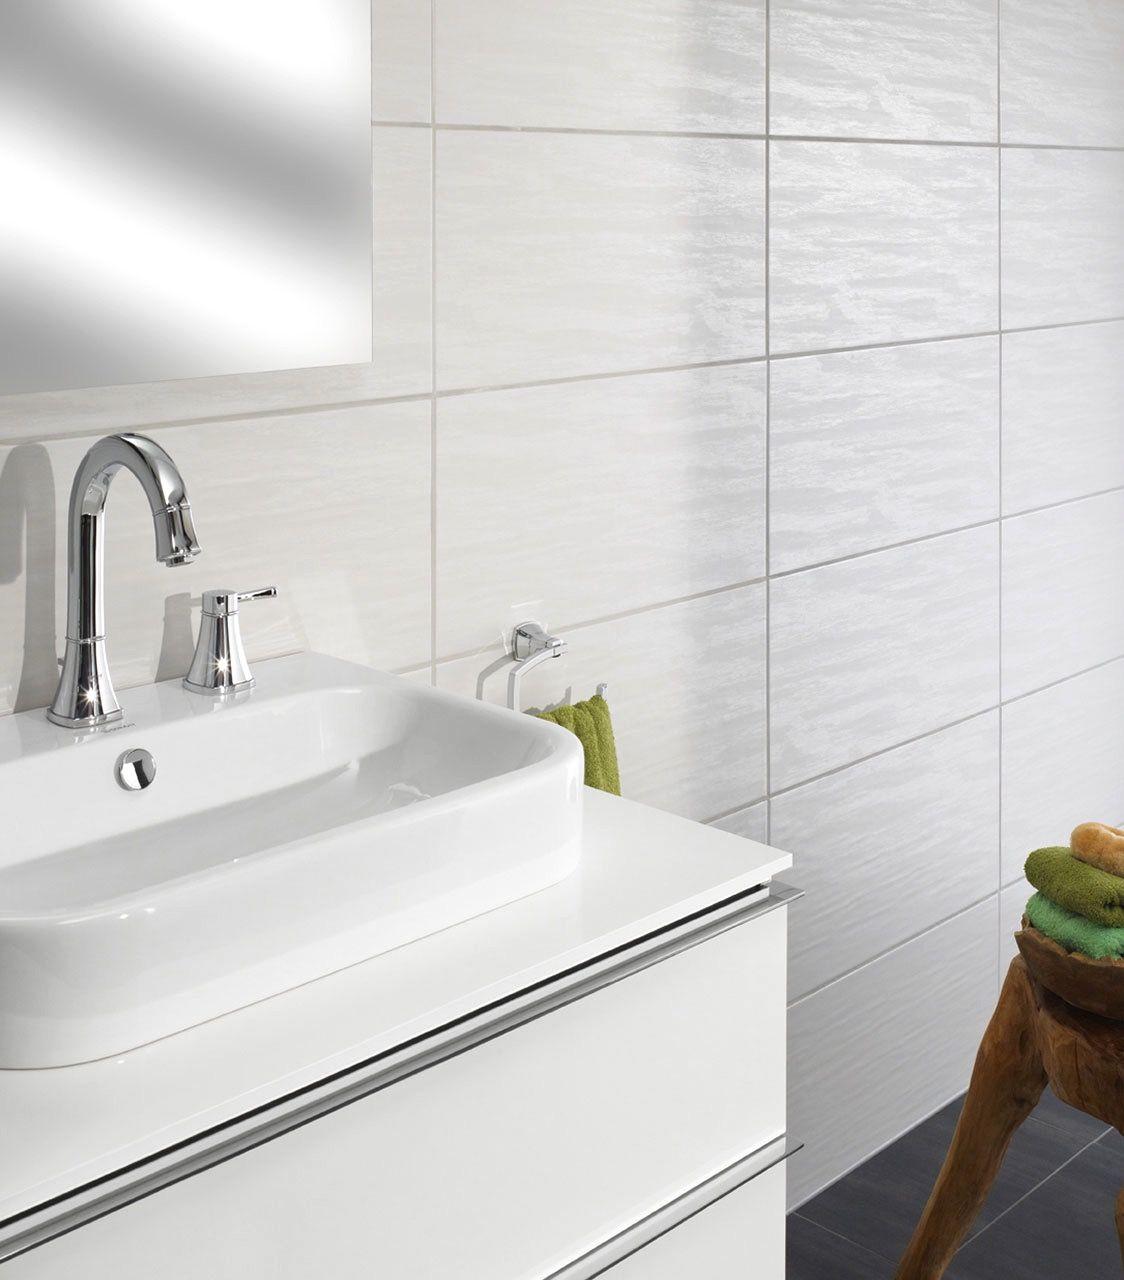 AuBergewohnlich Badezimmer Fliesen Weiß Matt | Badezimmer Kreativ Gestalten | Pinterest |  Bath, Basement And Construction.